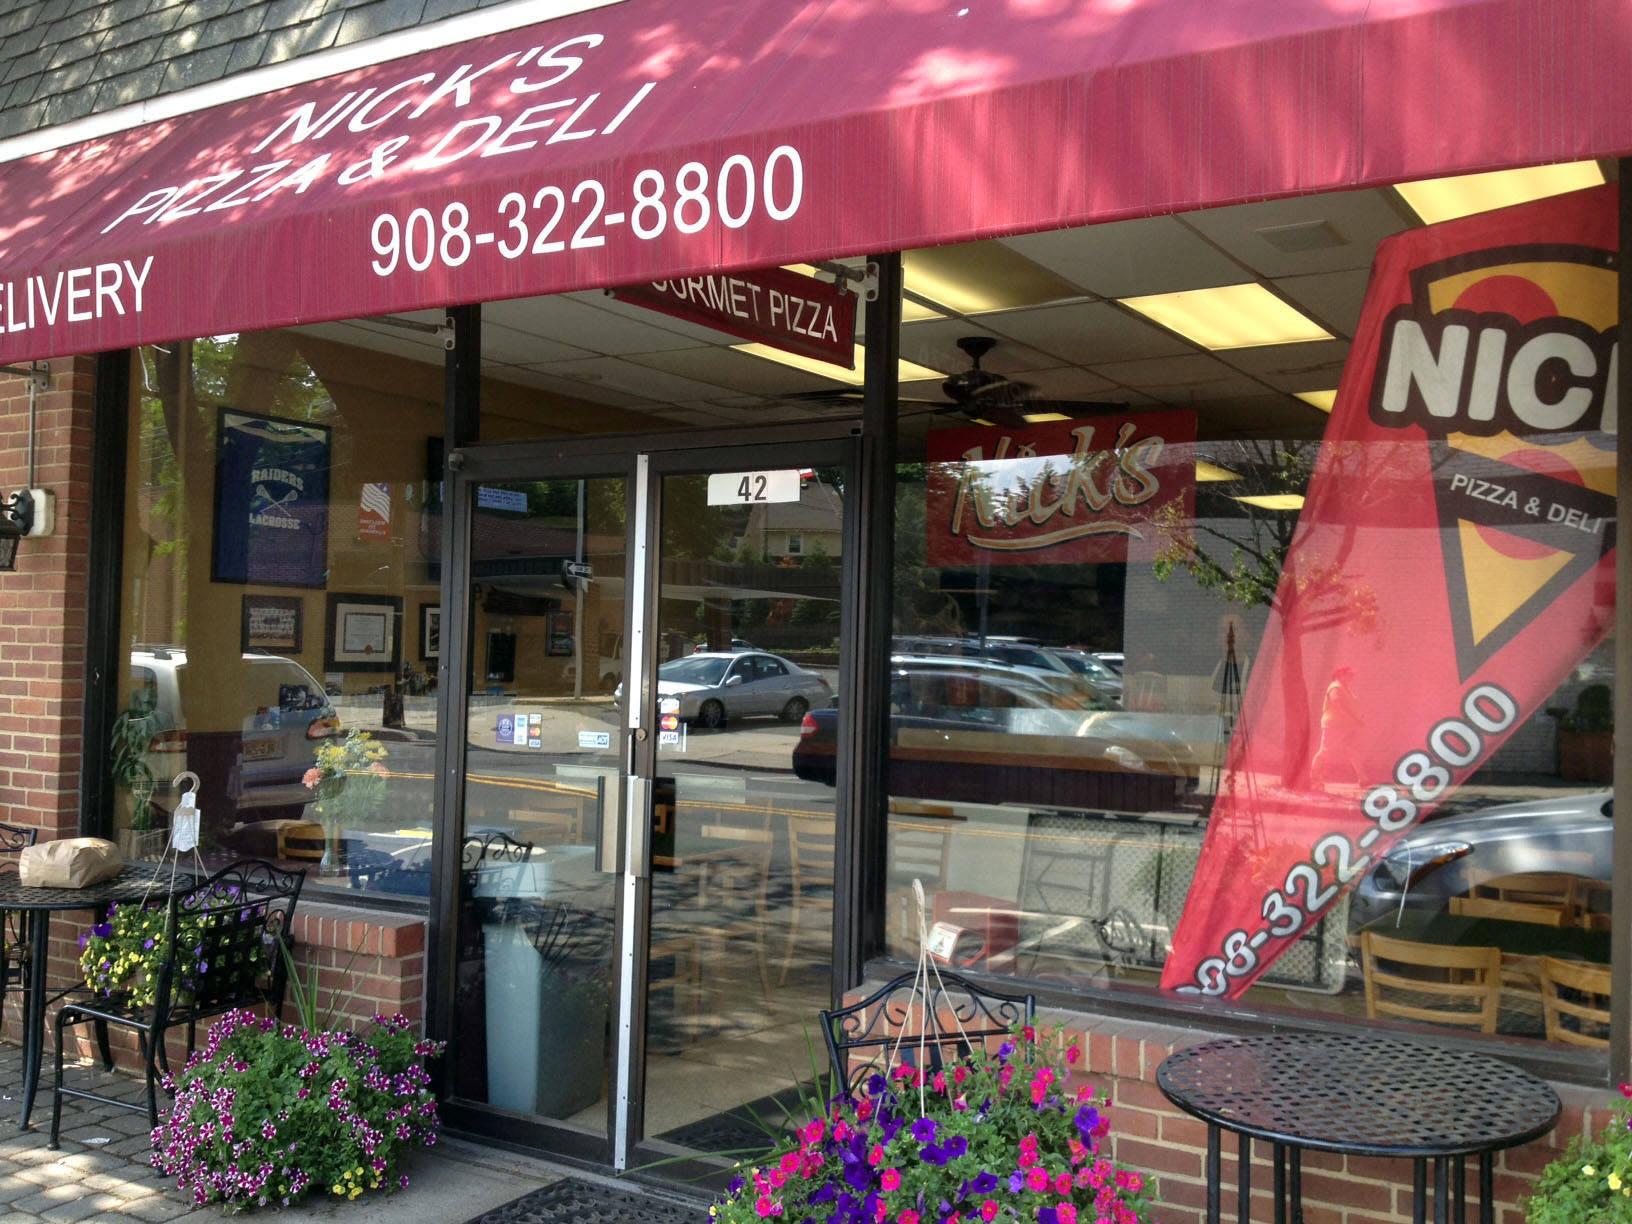 22c7befb51da3c948c9c_Nick_s_Pizza_outside.jpg